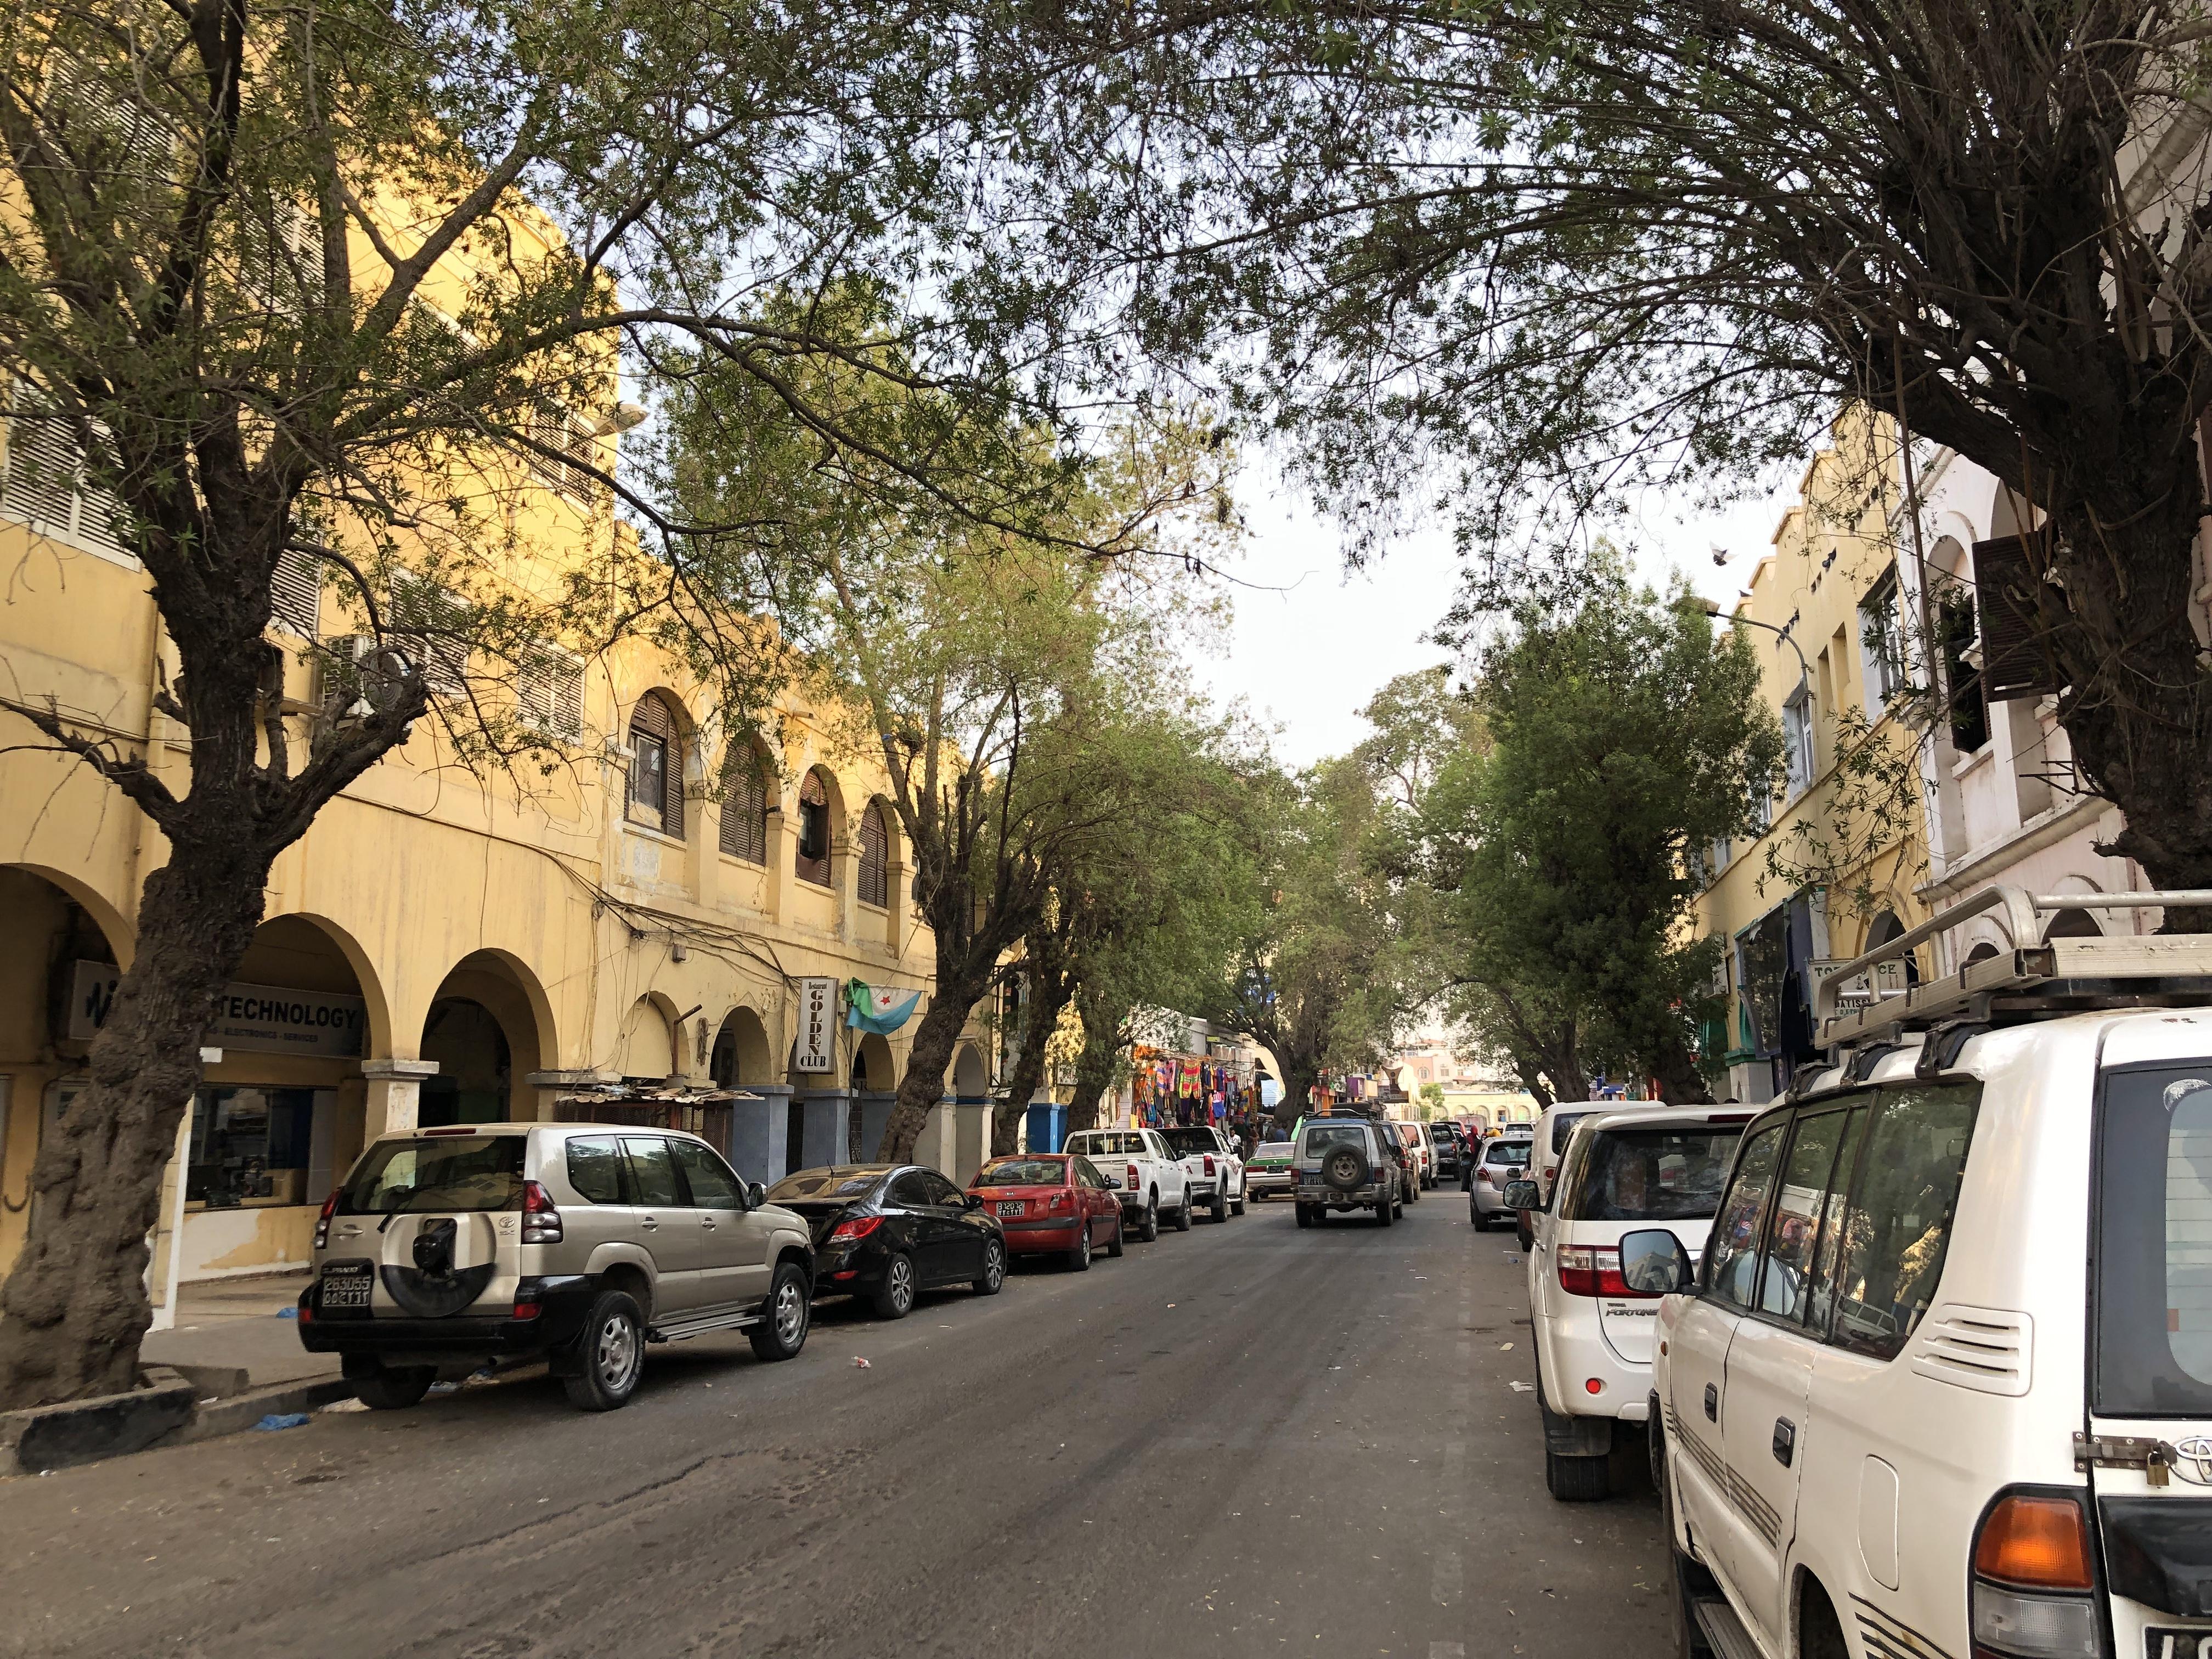 DAY78 ジブチを旅する①「ジブチの首都 ジブチ」-世界一暑い国のオシャレな街づくりと無料で味わえる贅沢な夜景-